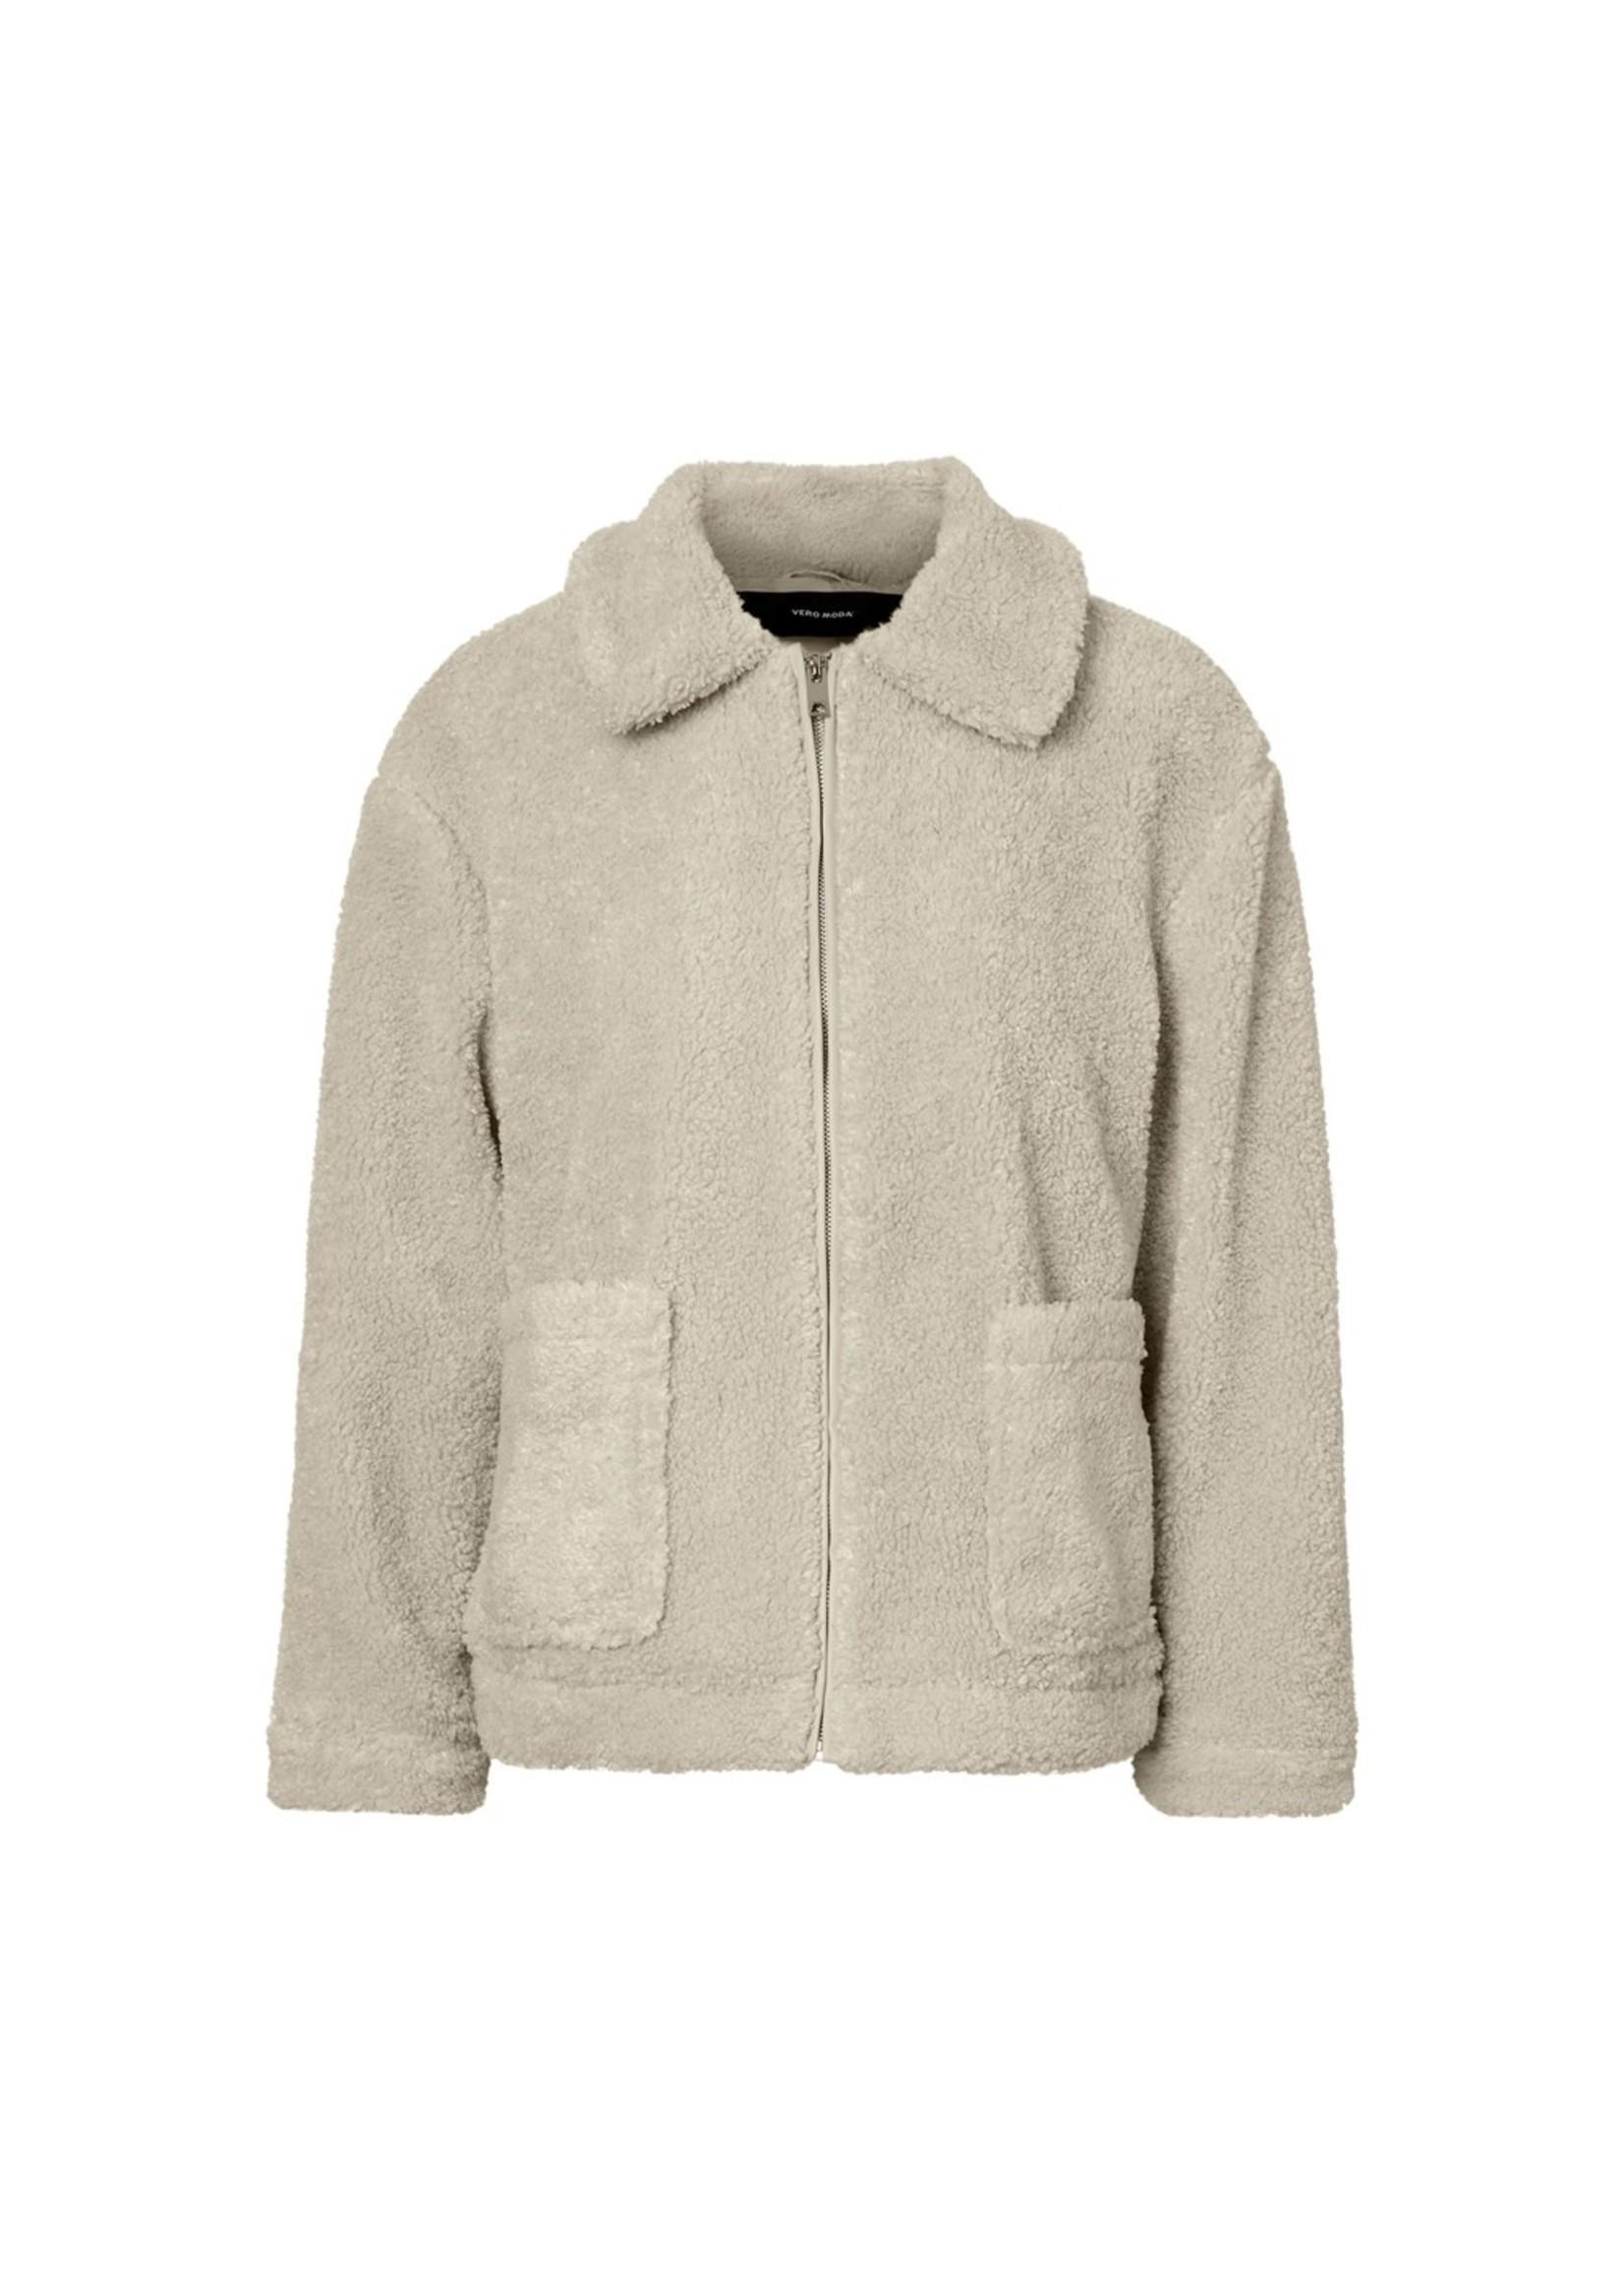 Vero Moda VMCamille Teddy Jacket